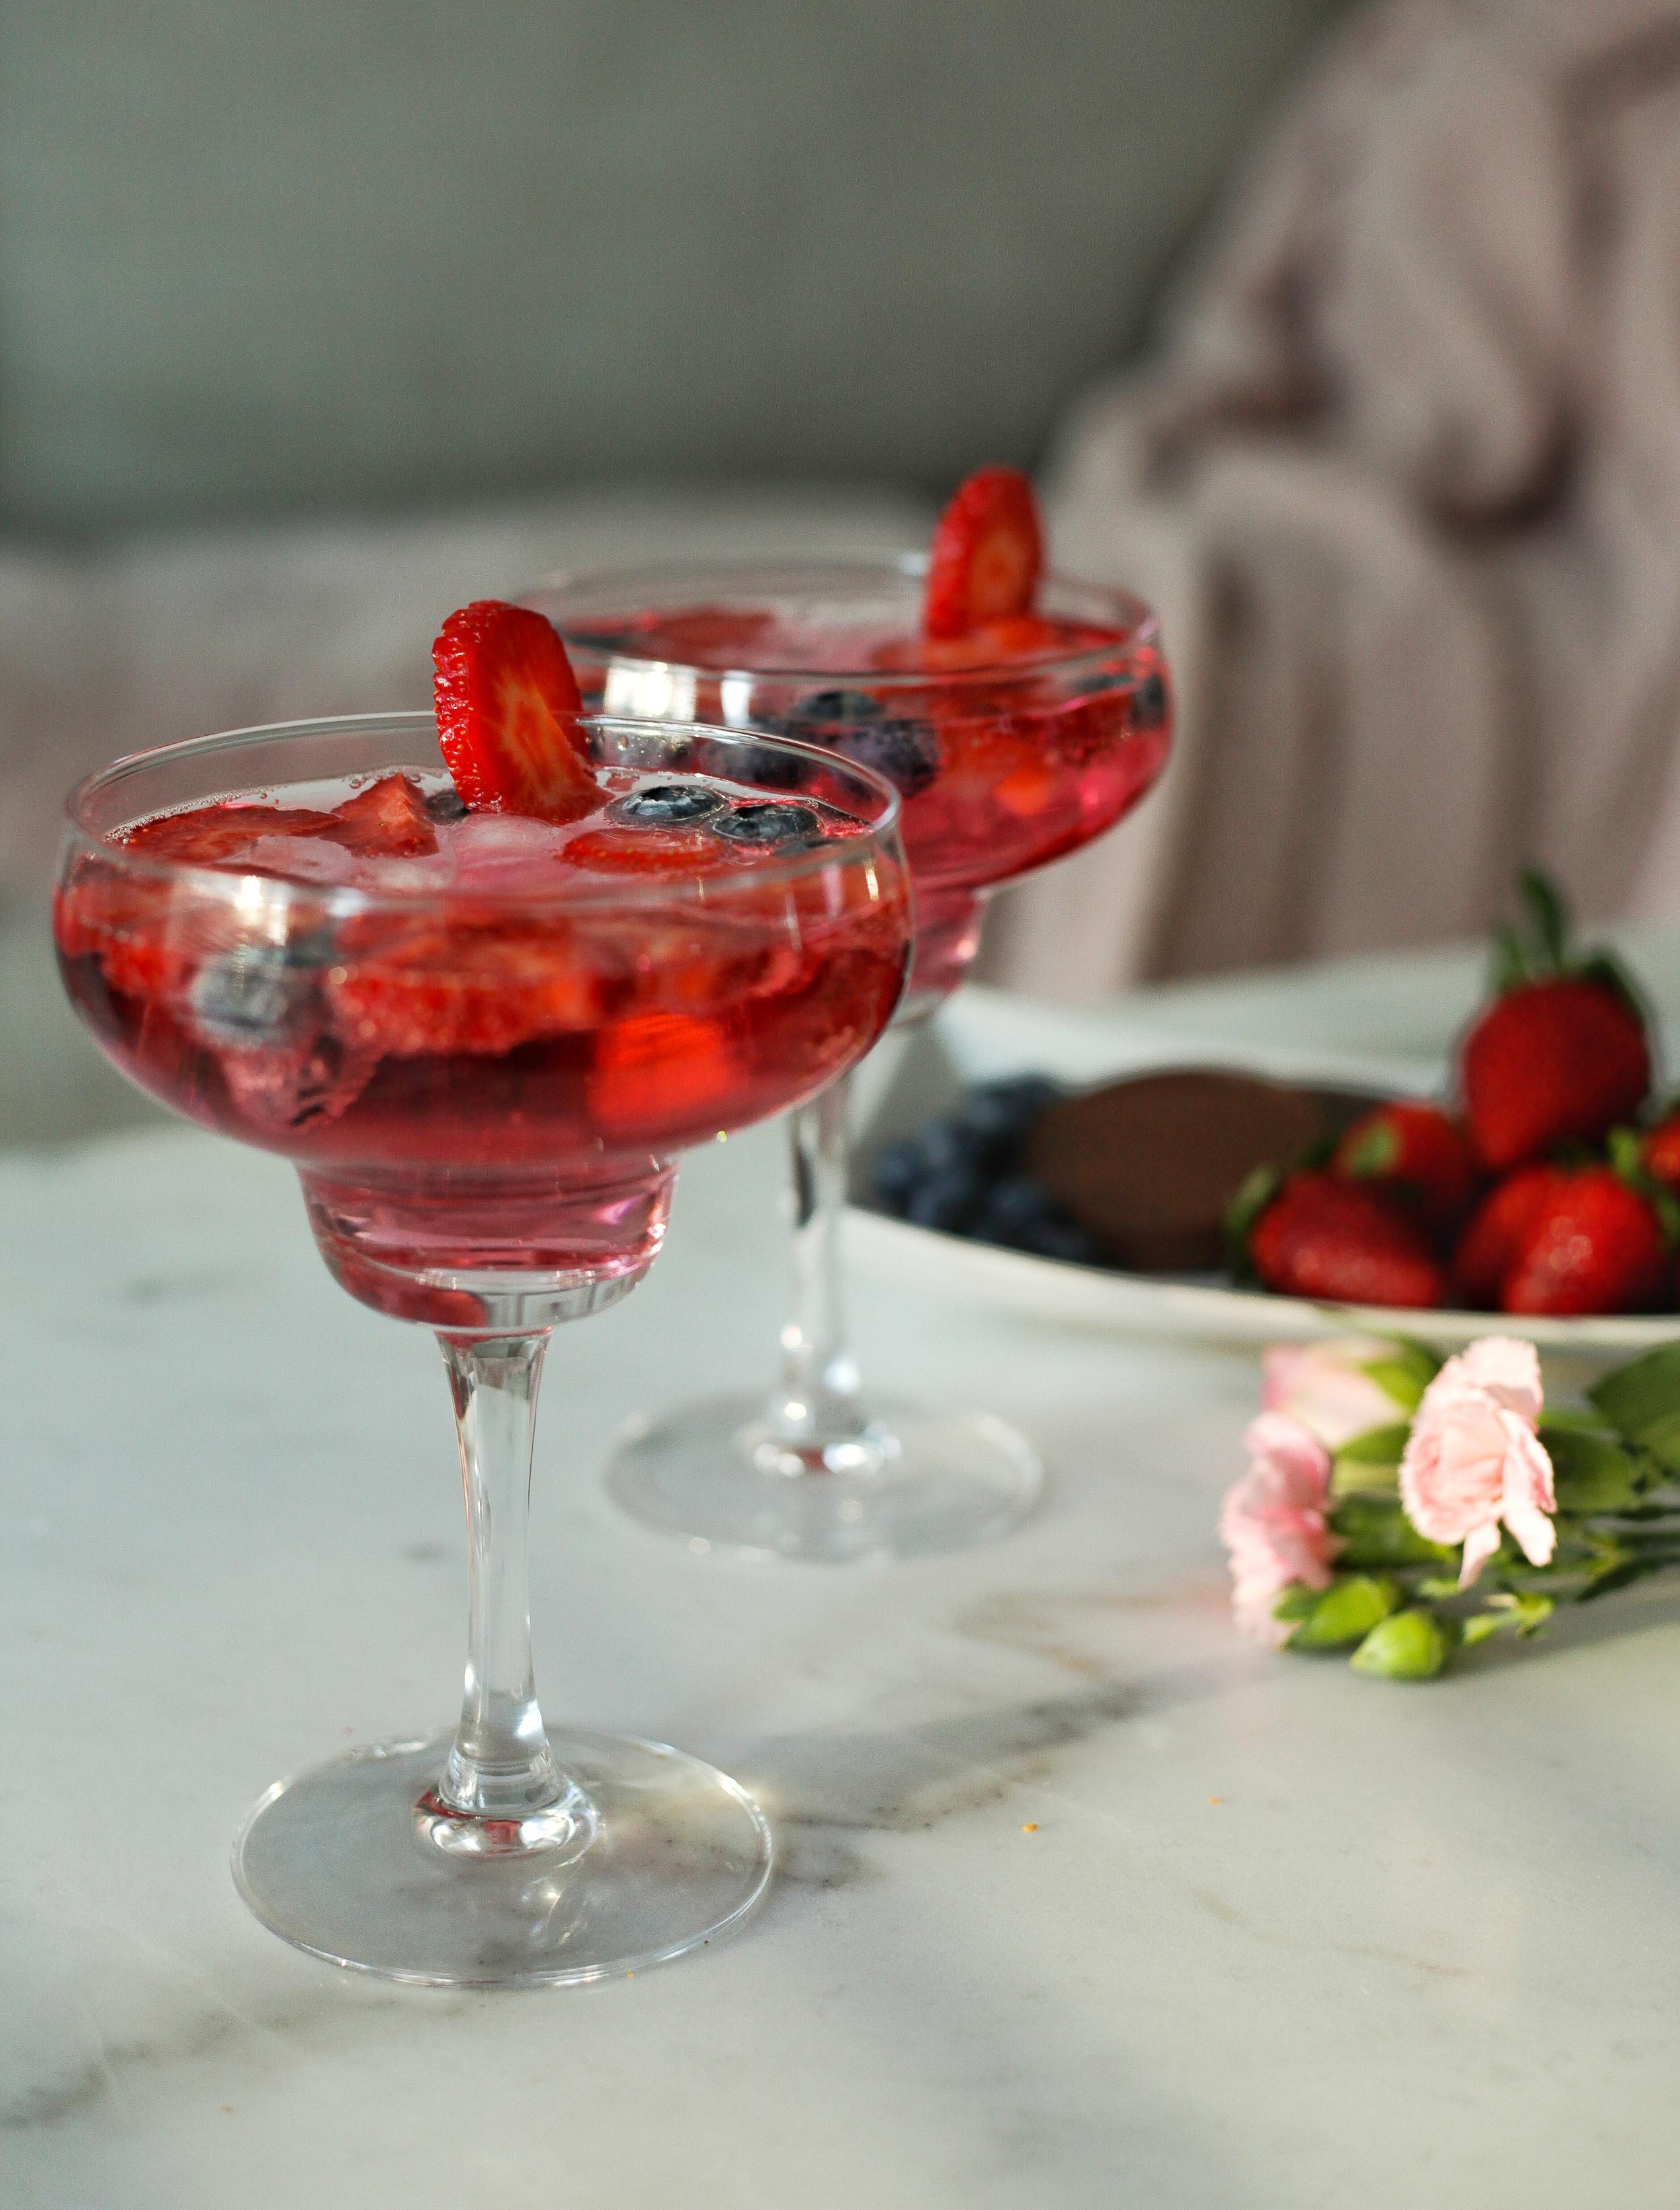 drinkki-9858-01